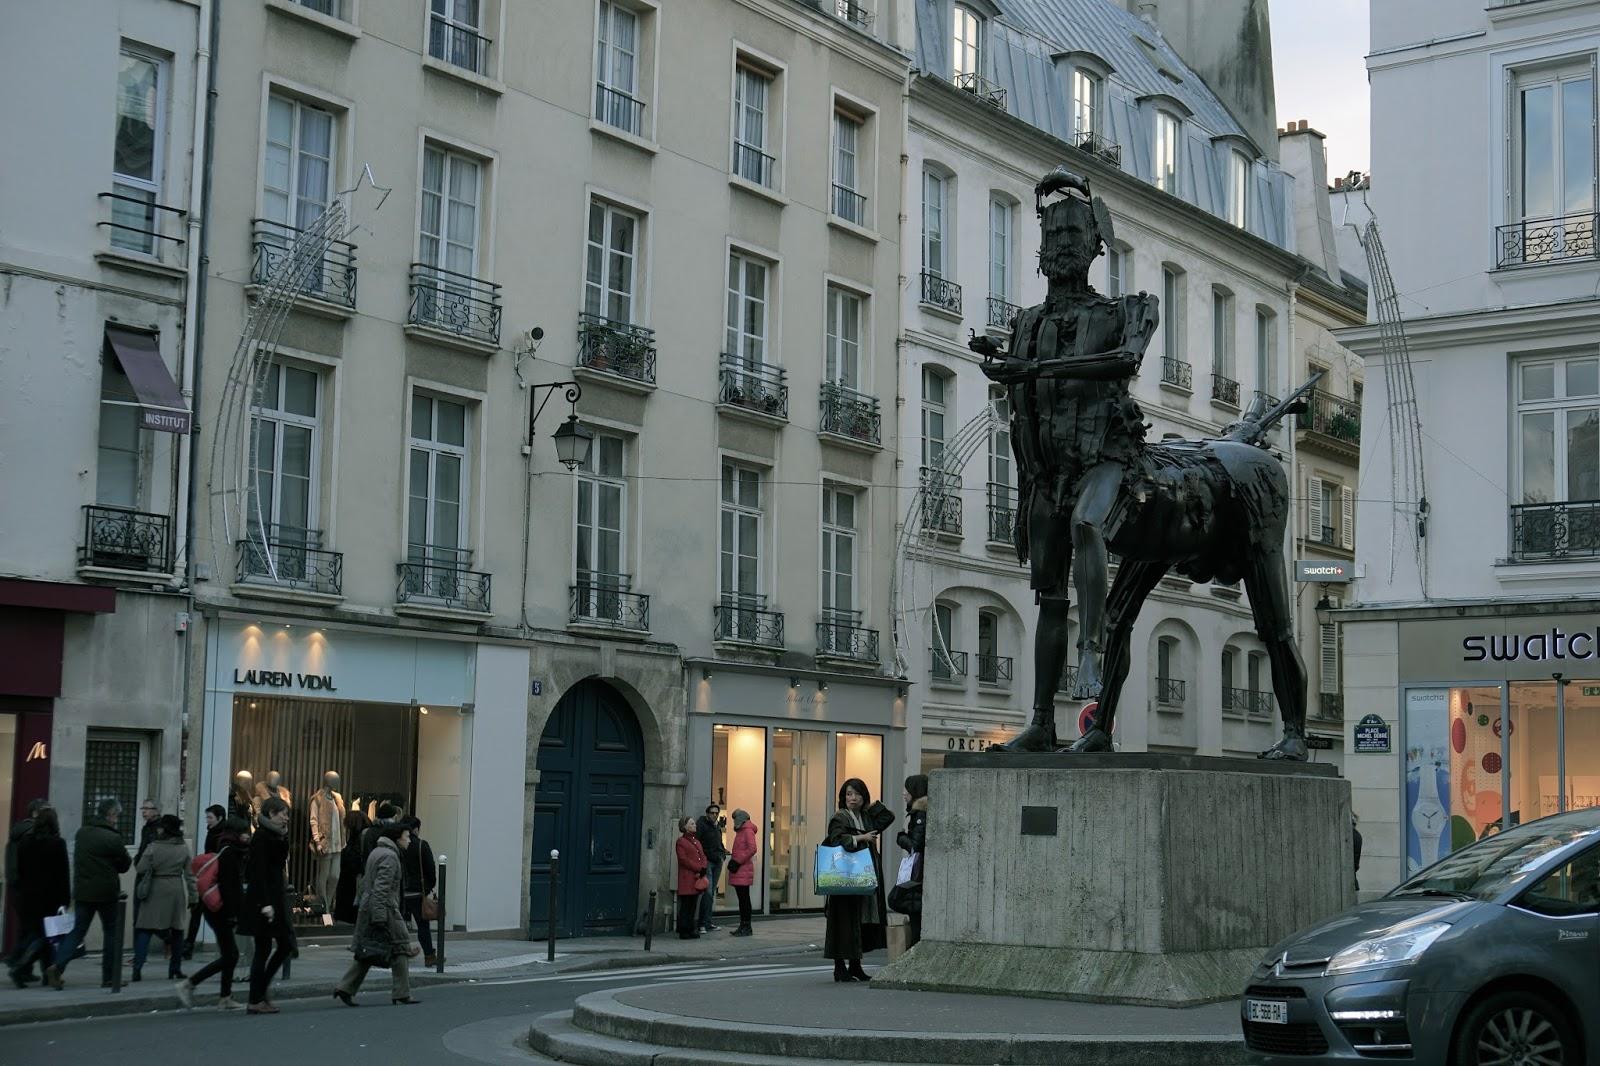 セザールのケンタウルス像(Le Centaure de César)